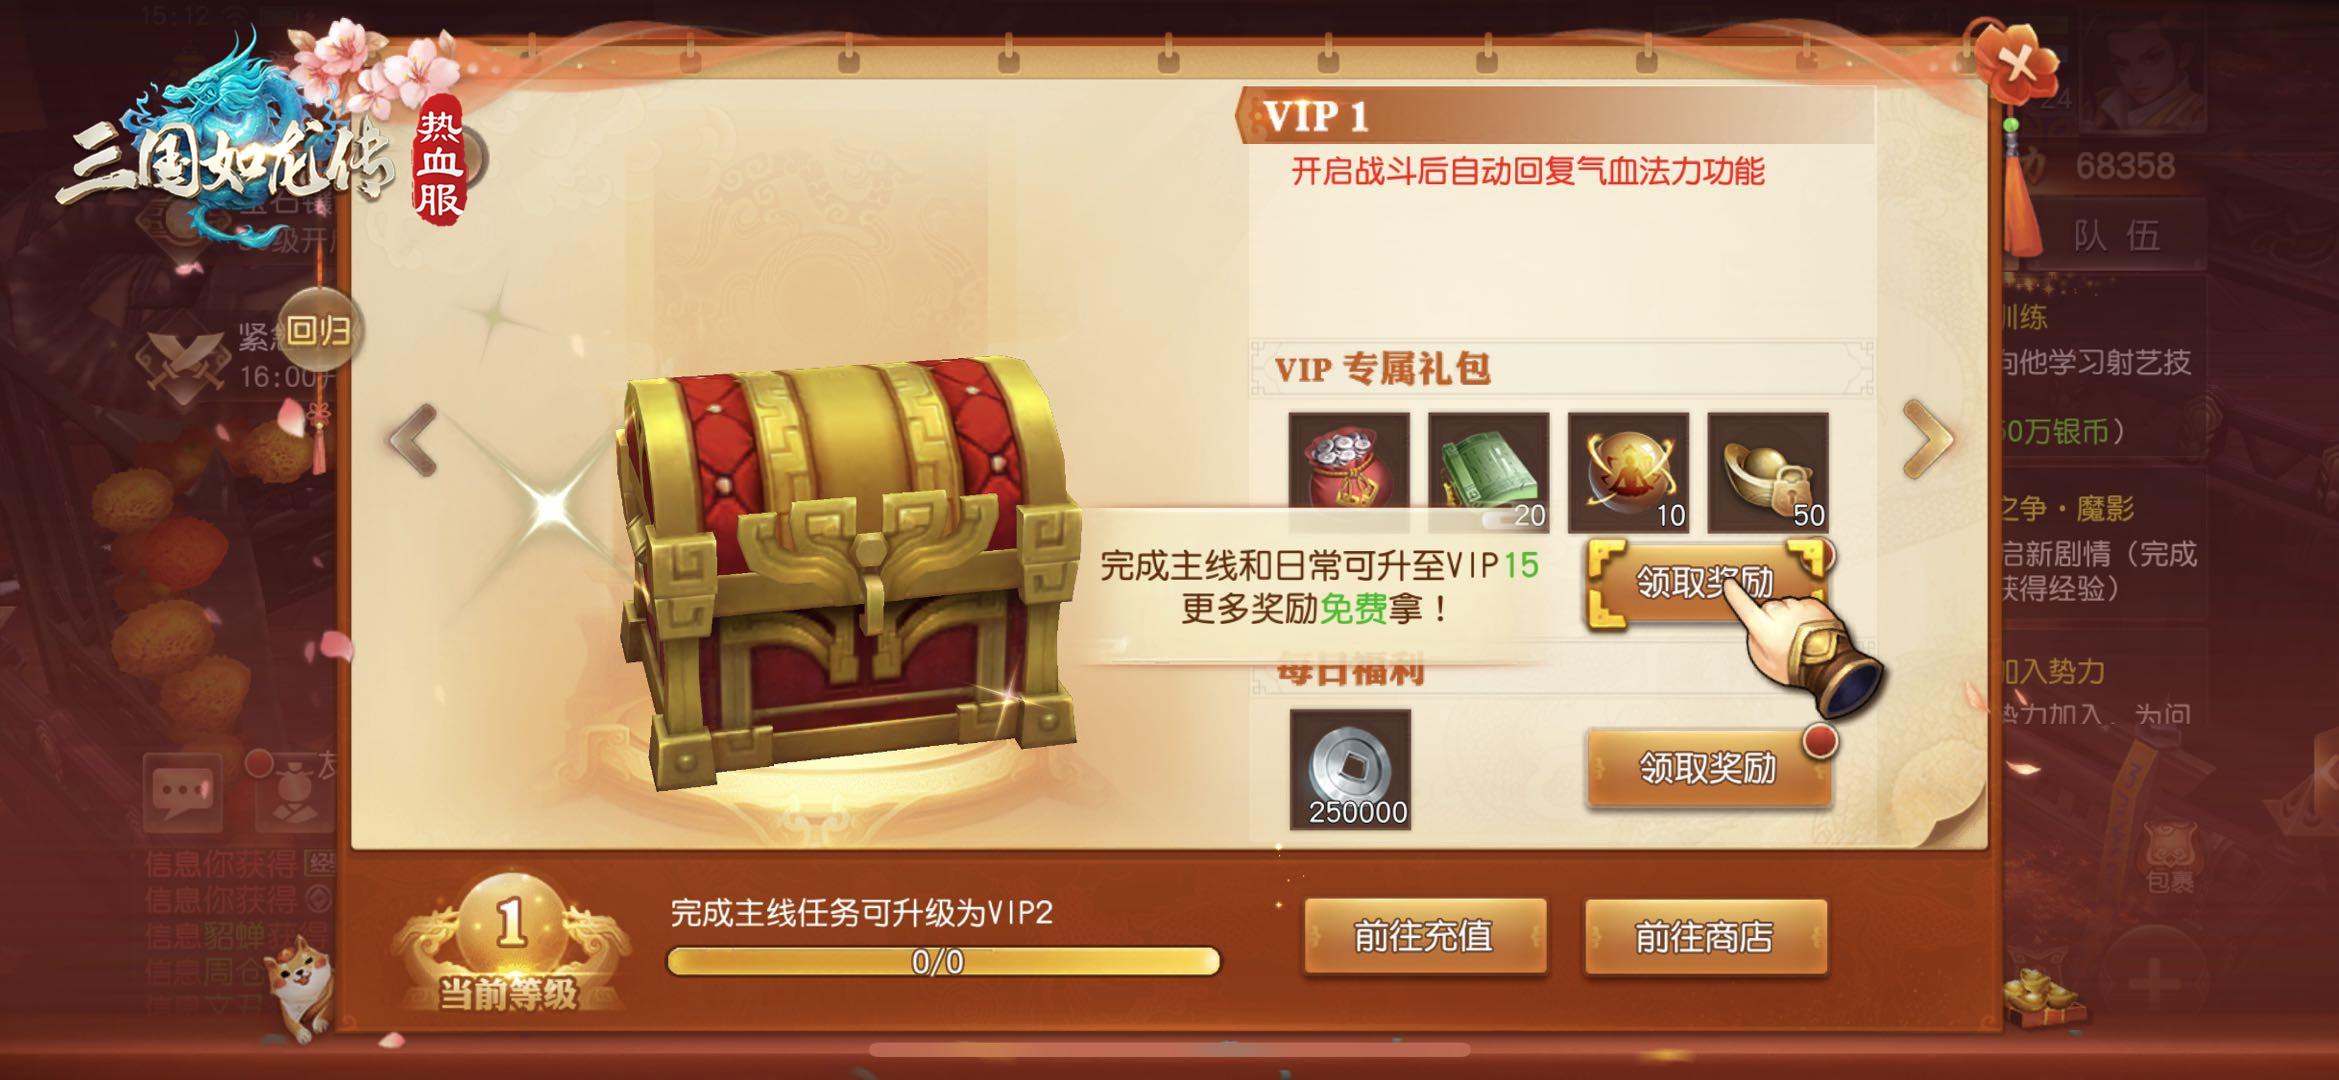 """《三国如龙传》全新双平台新服""""鱼跃龙门""""上线"""